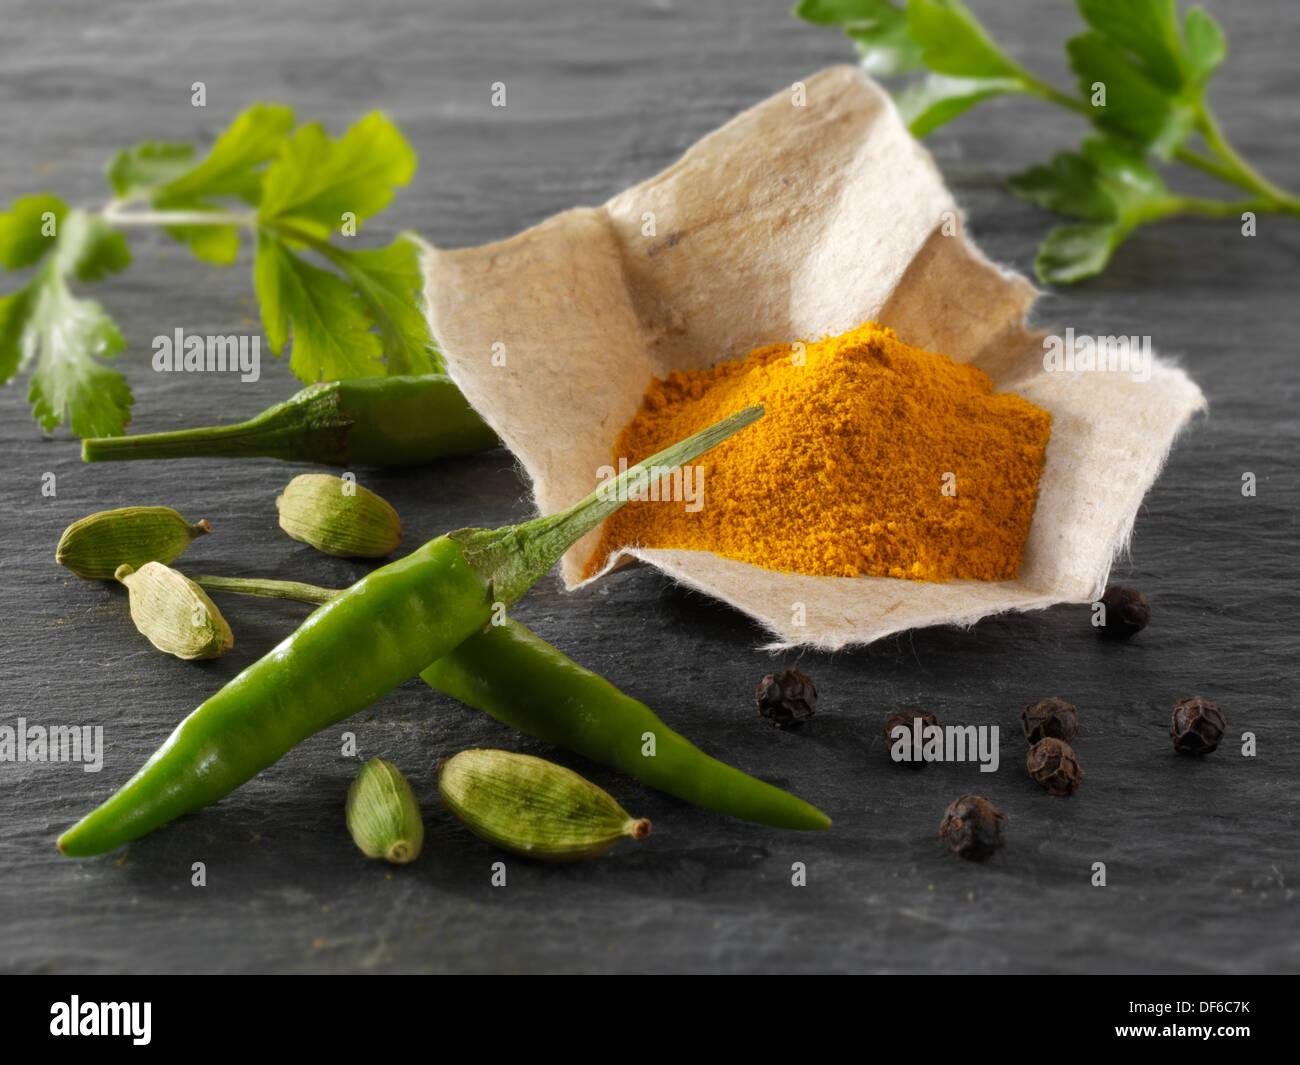 Frisches Grün birdseye Chilis mit gemahlenen Kurkuma & Korianderblätter indischen Gewürzen komponierte Anordnung Stockbild